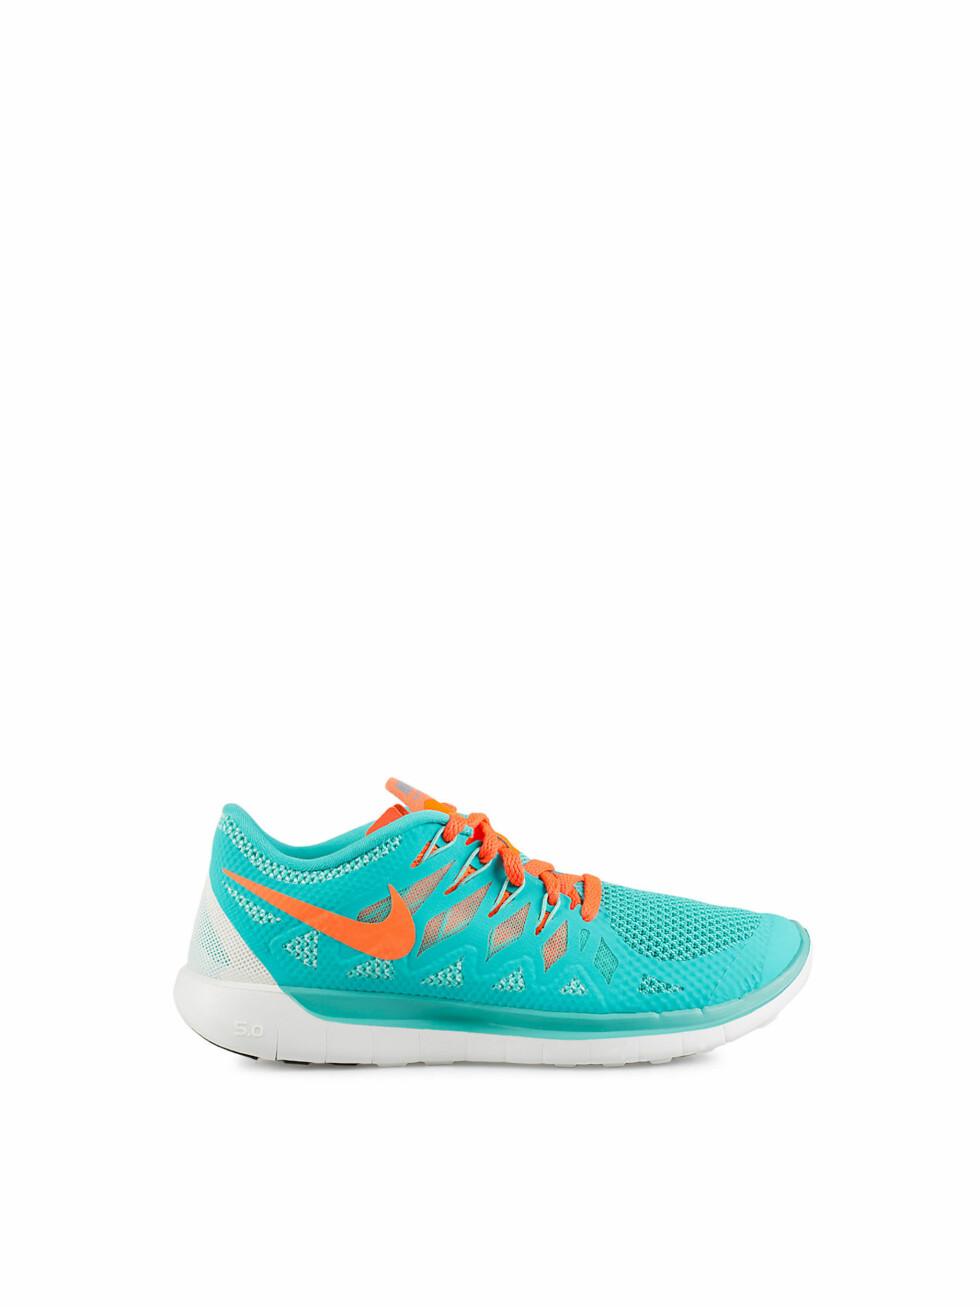 Joggesko fra Nike via Nelly.com, 1095 kr. Foto: Nelly.com